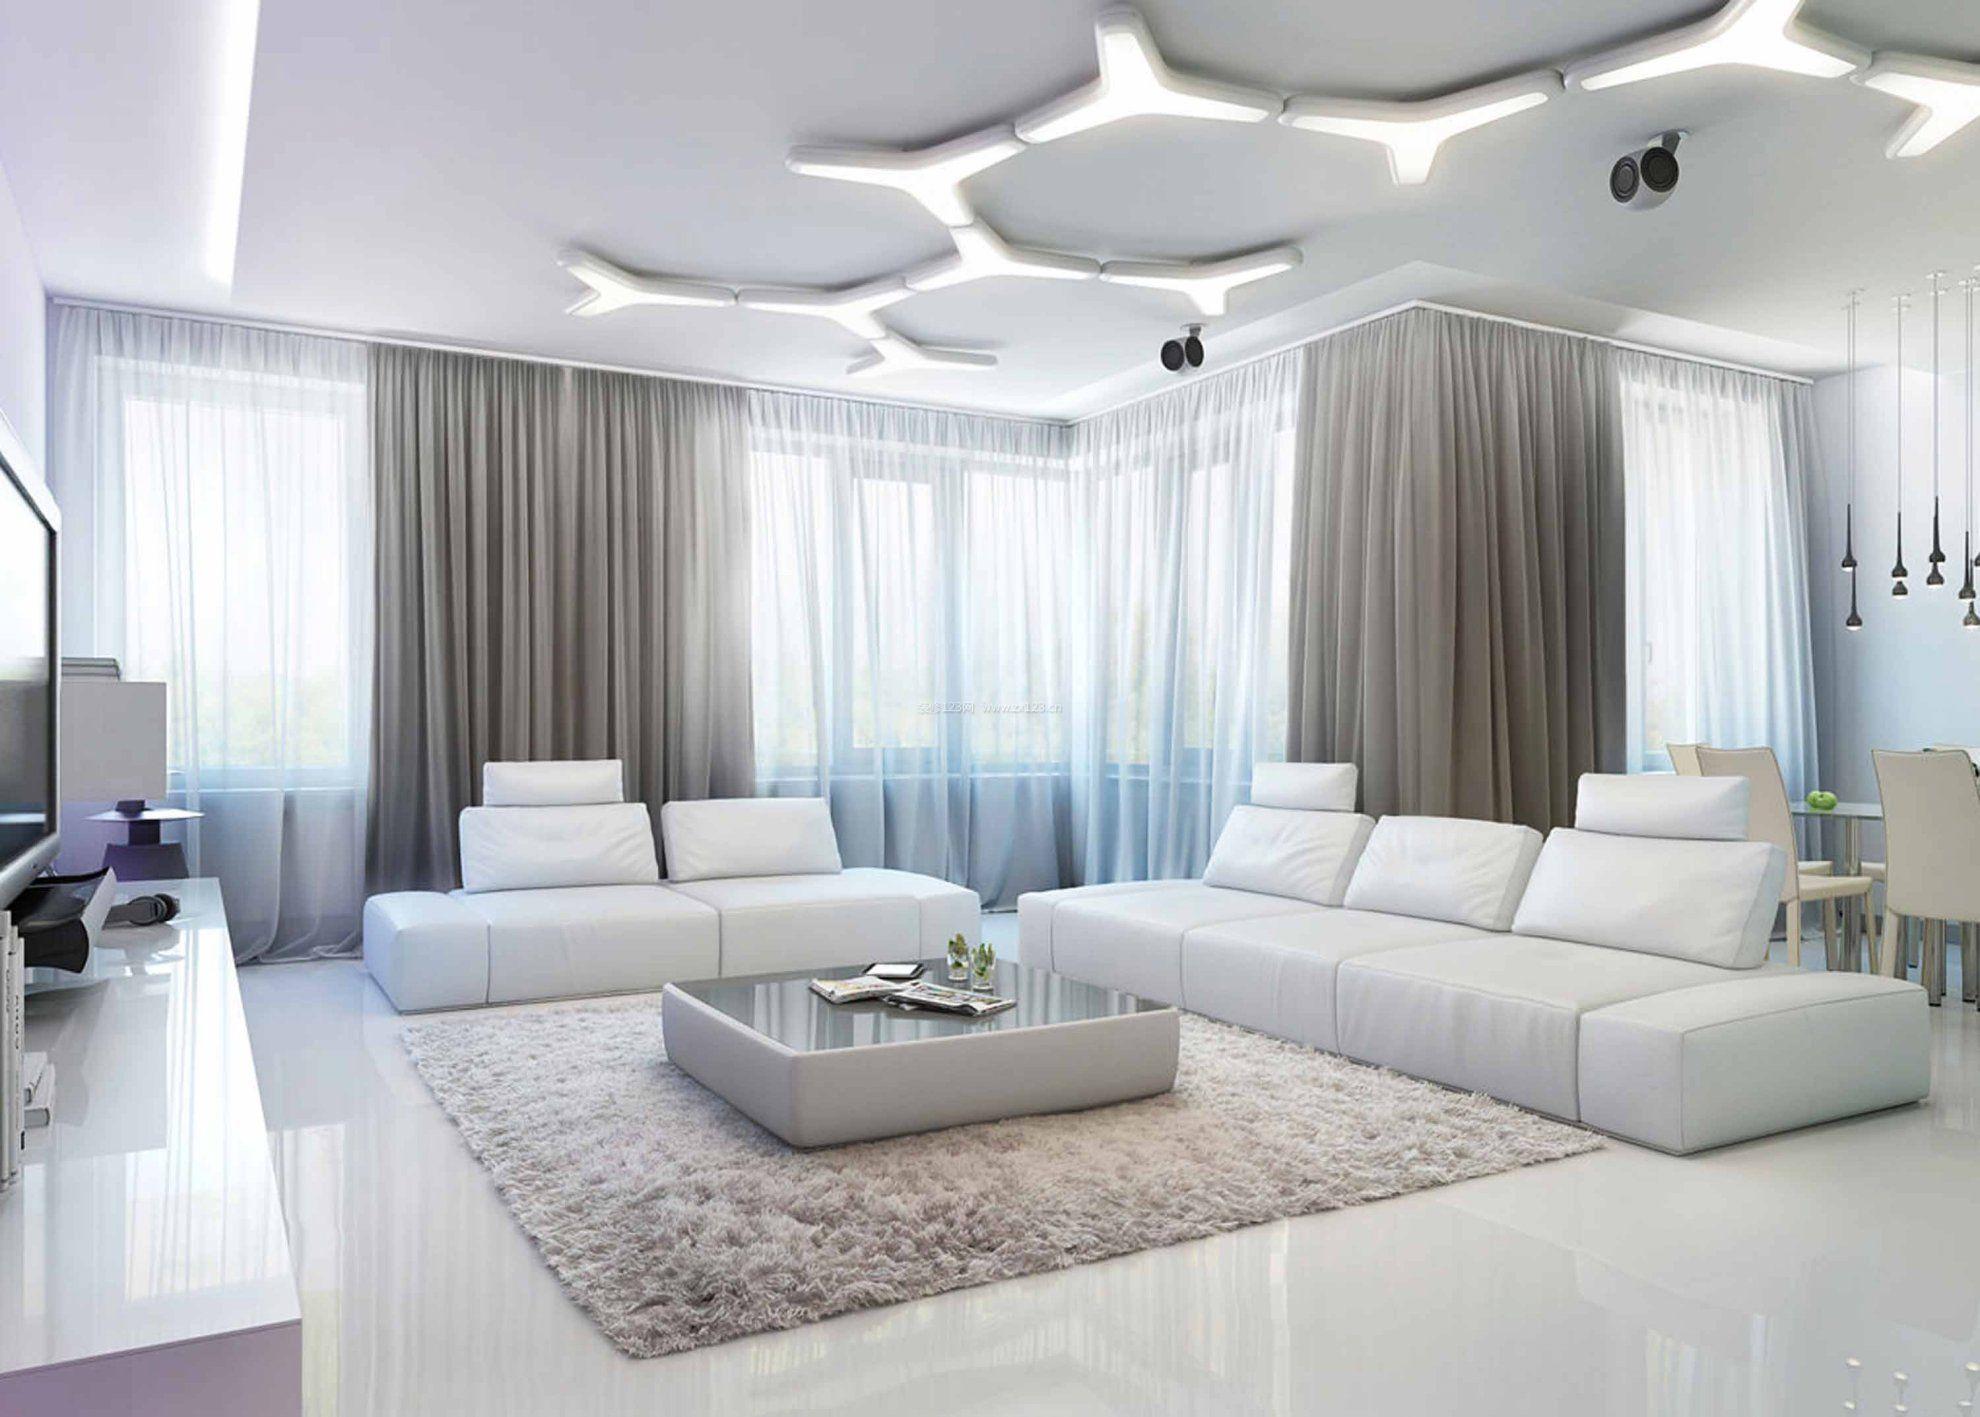 房子应该如何装修?应该注意些什么?